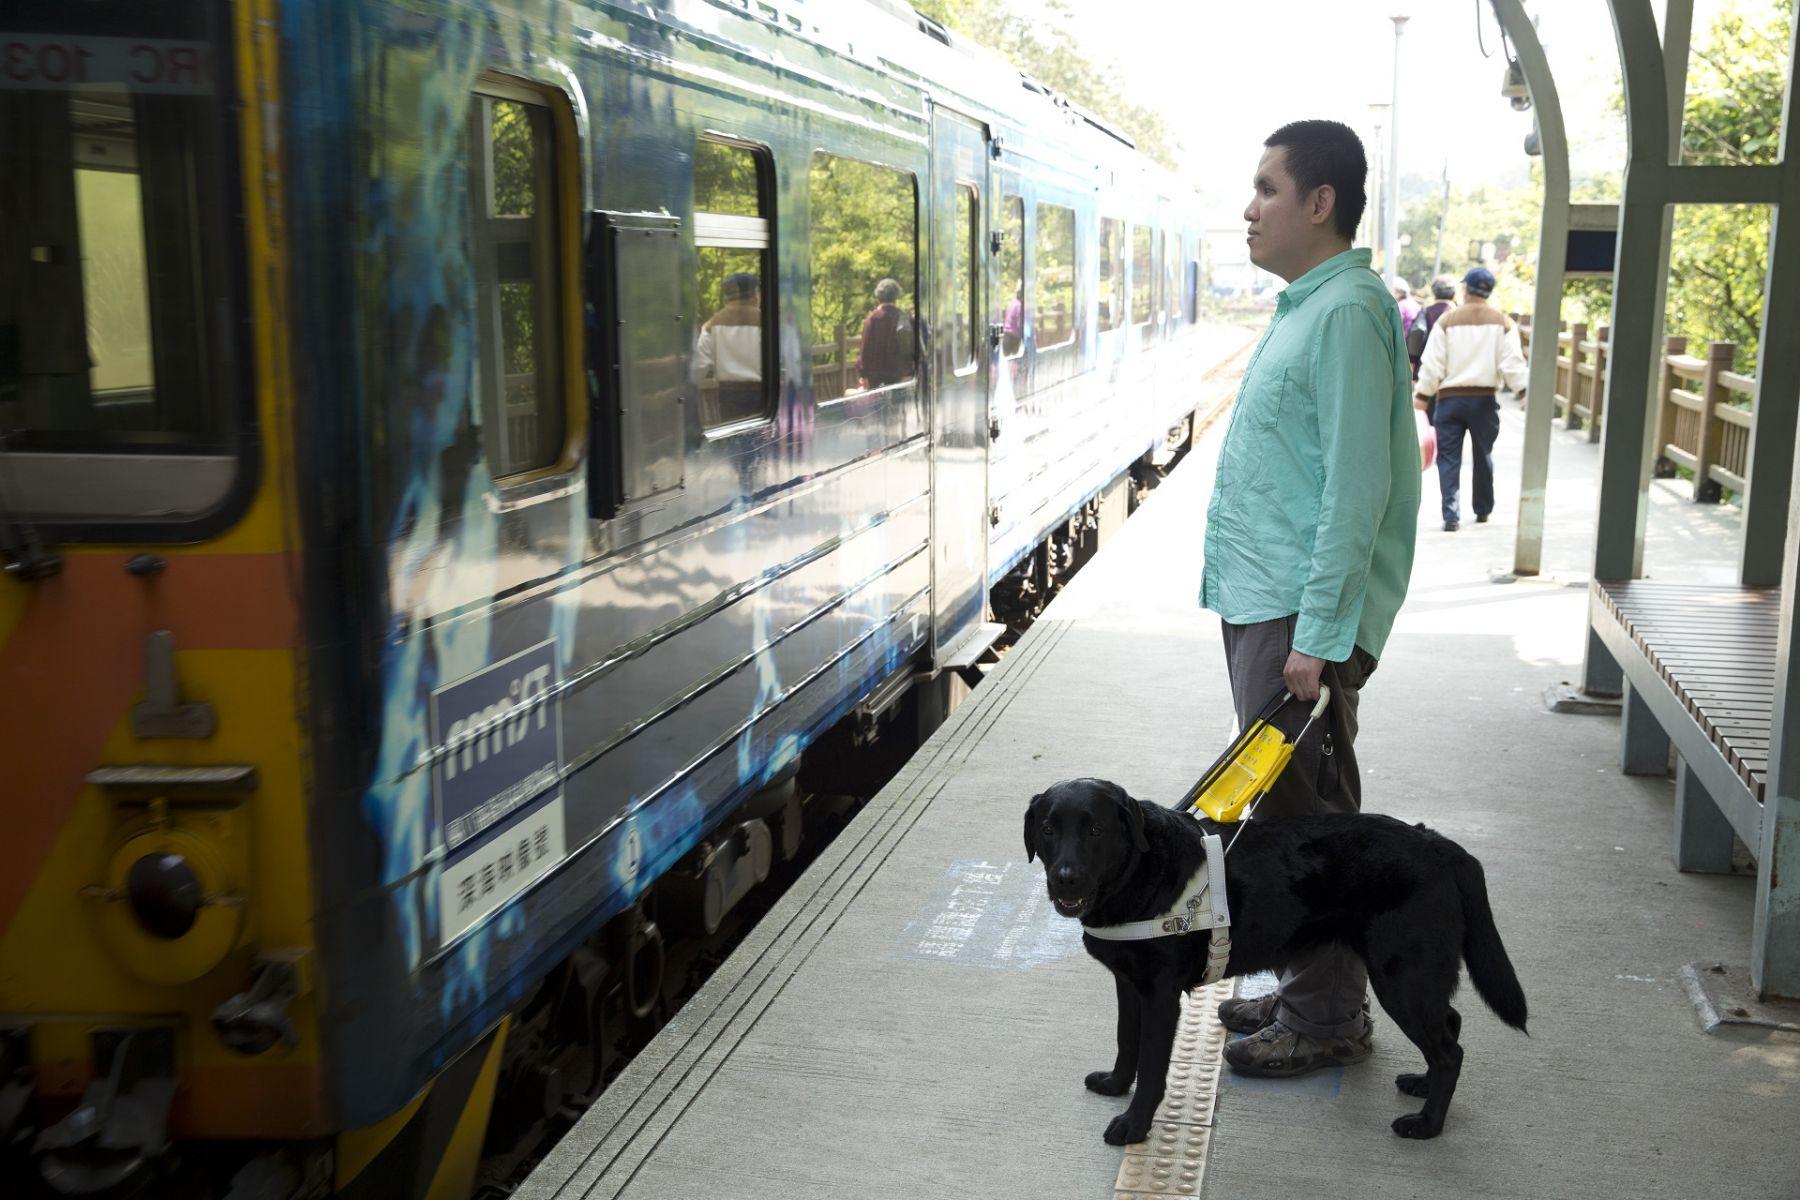 「原來走路可以不跌倒」 這隻導盲犬竟成了他的人生浮木